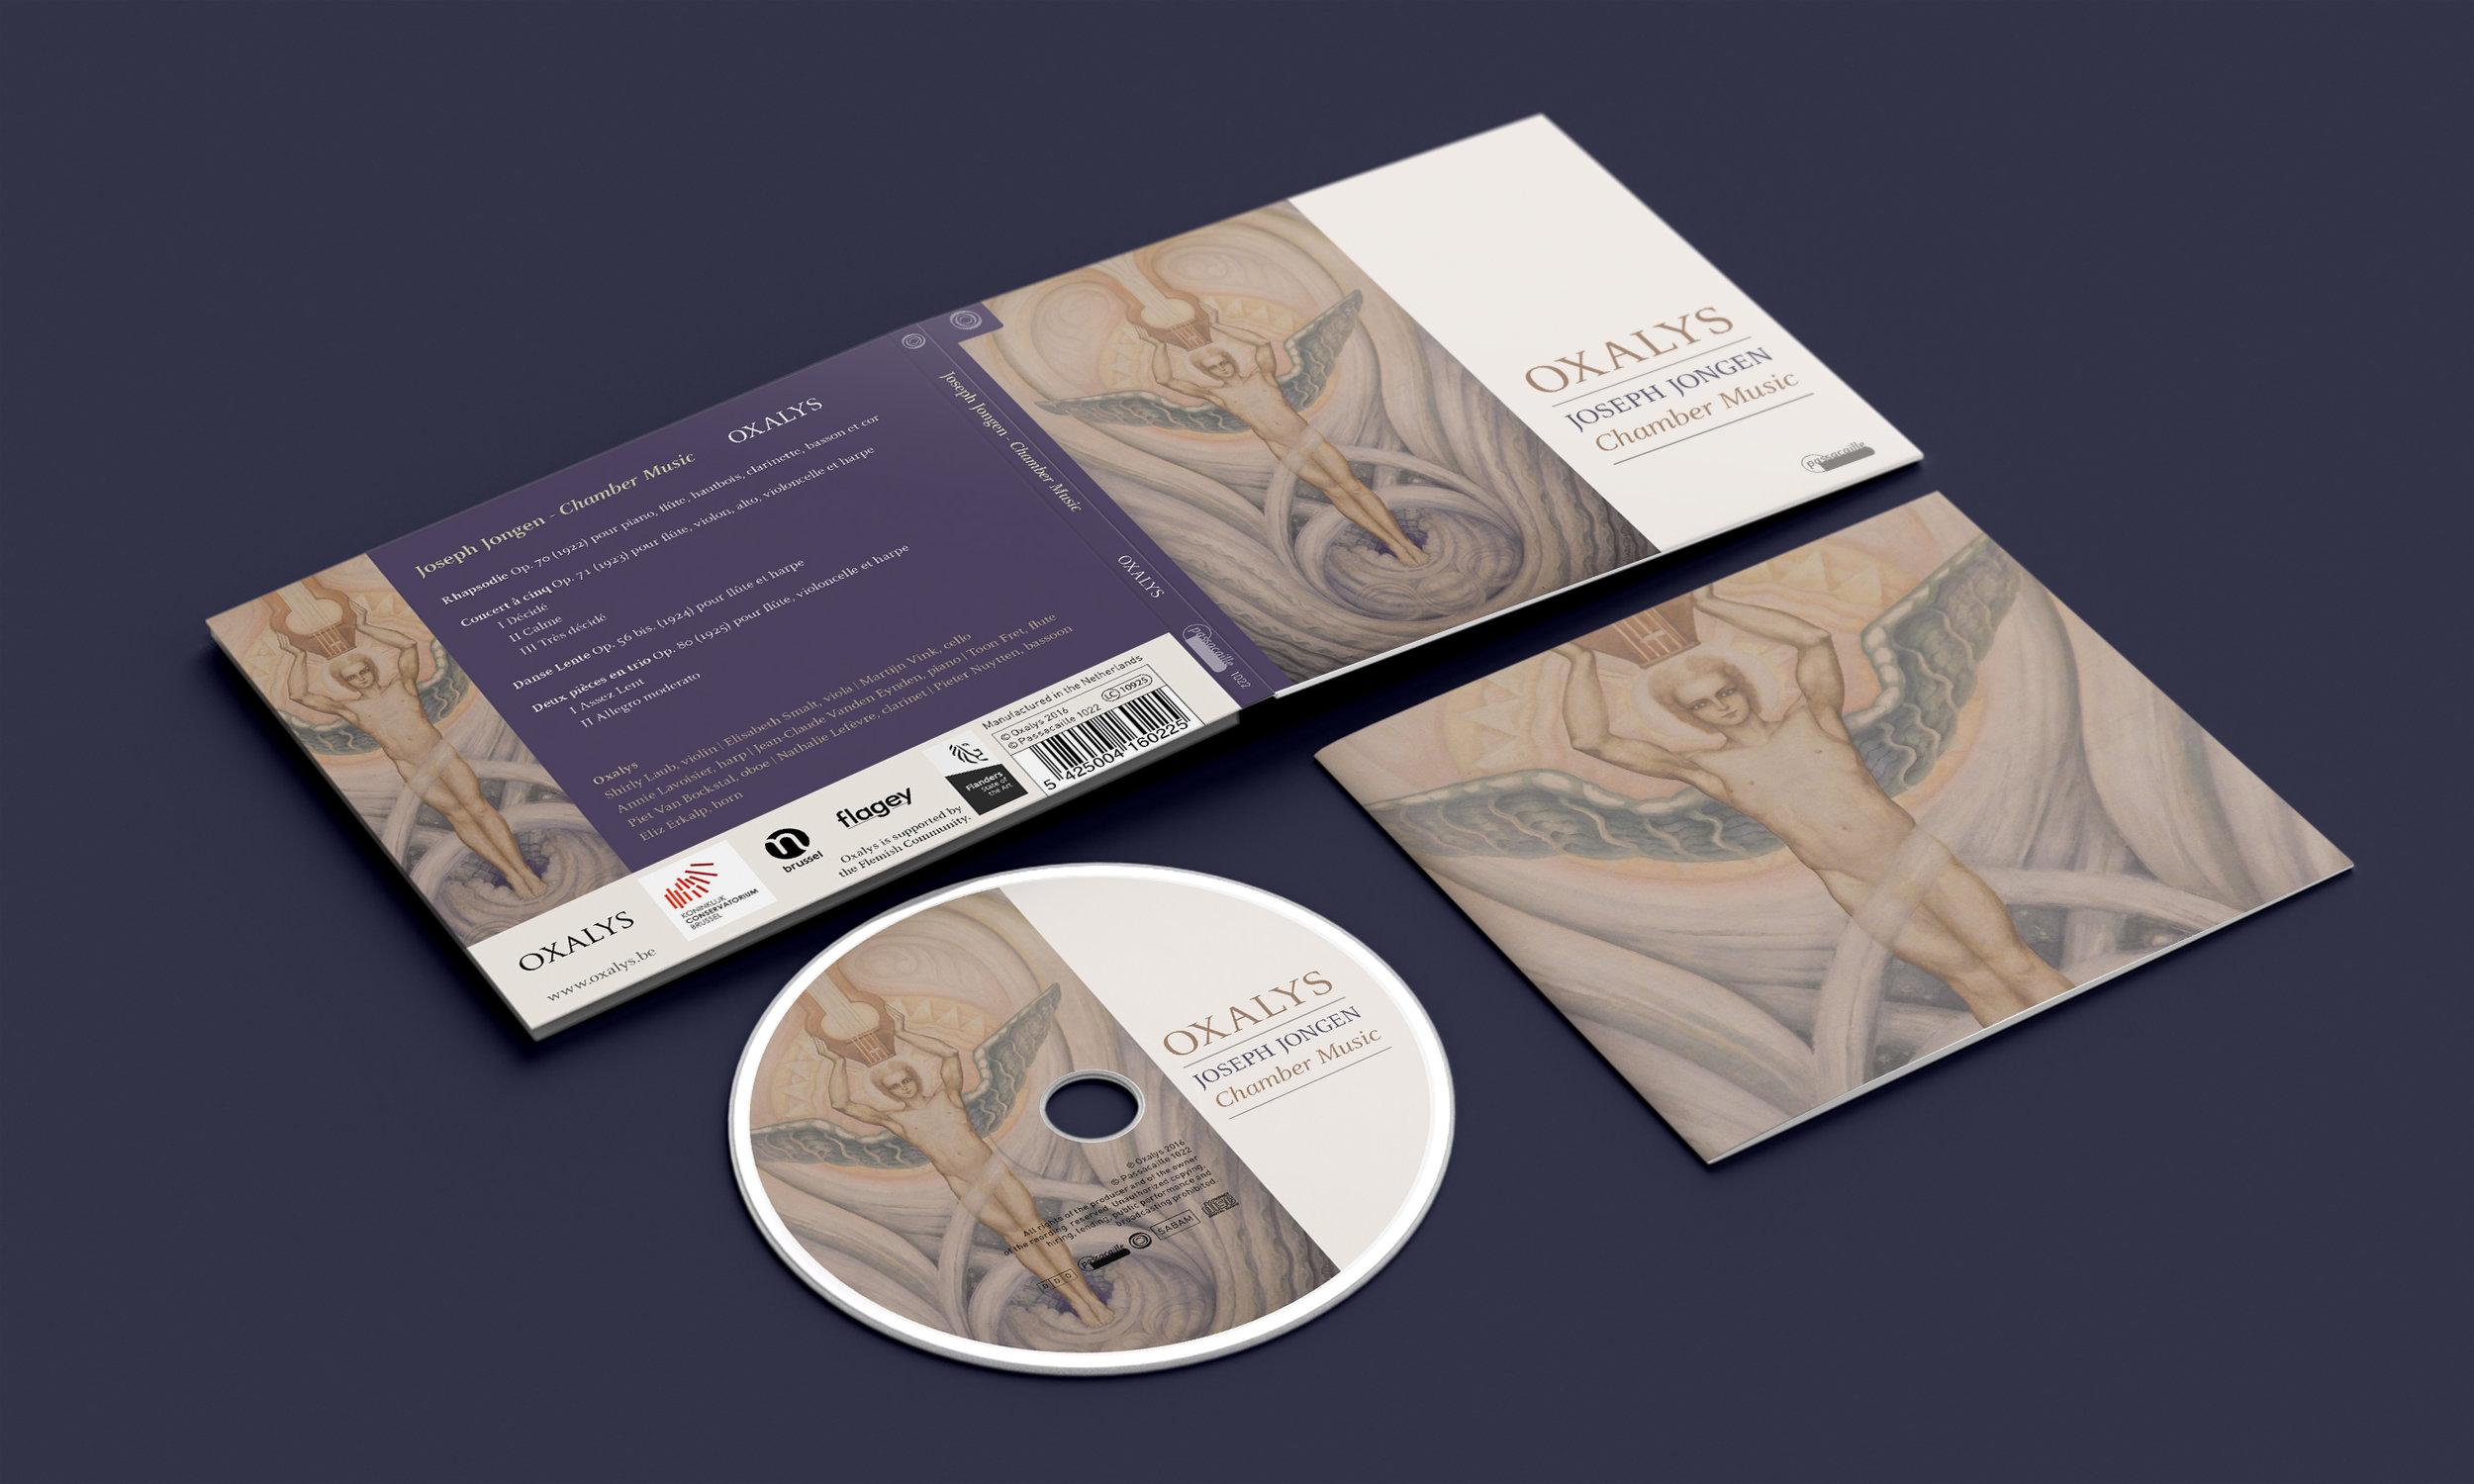 CD-digipack 'Joseph Jongen'